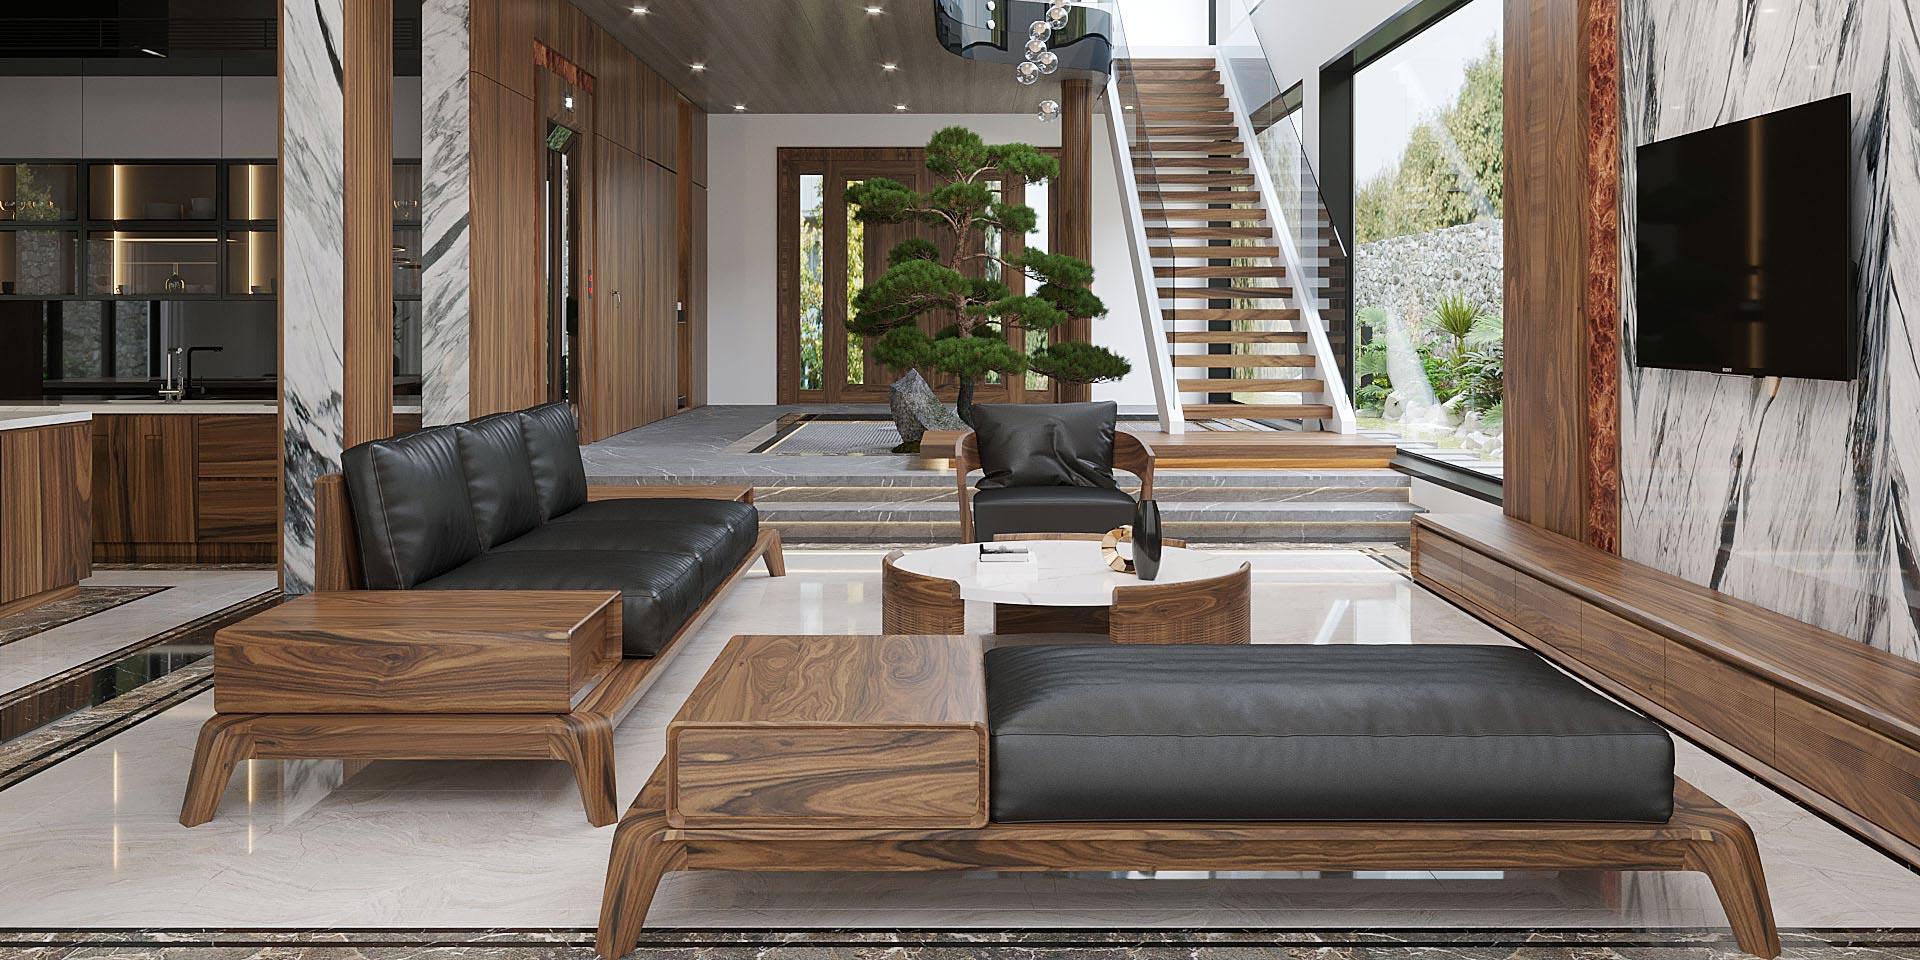 Sofa gỗ tự nhiên - Nội Thất Phòng Khách Sang Trọng